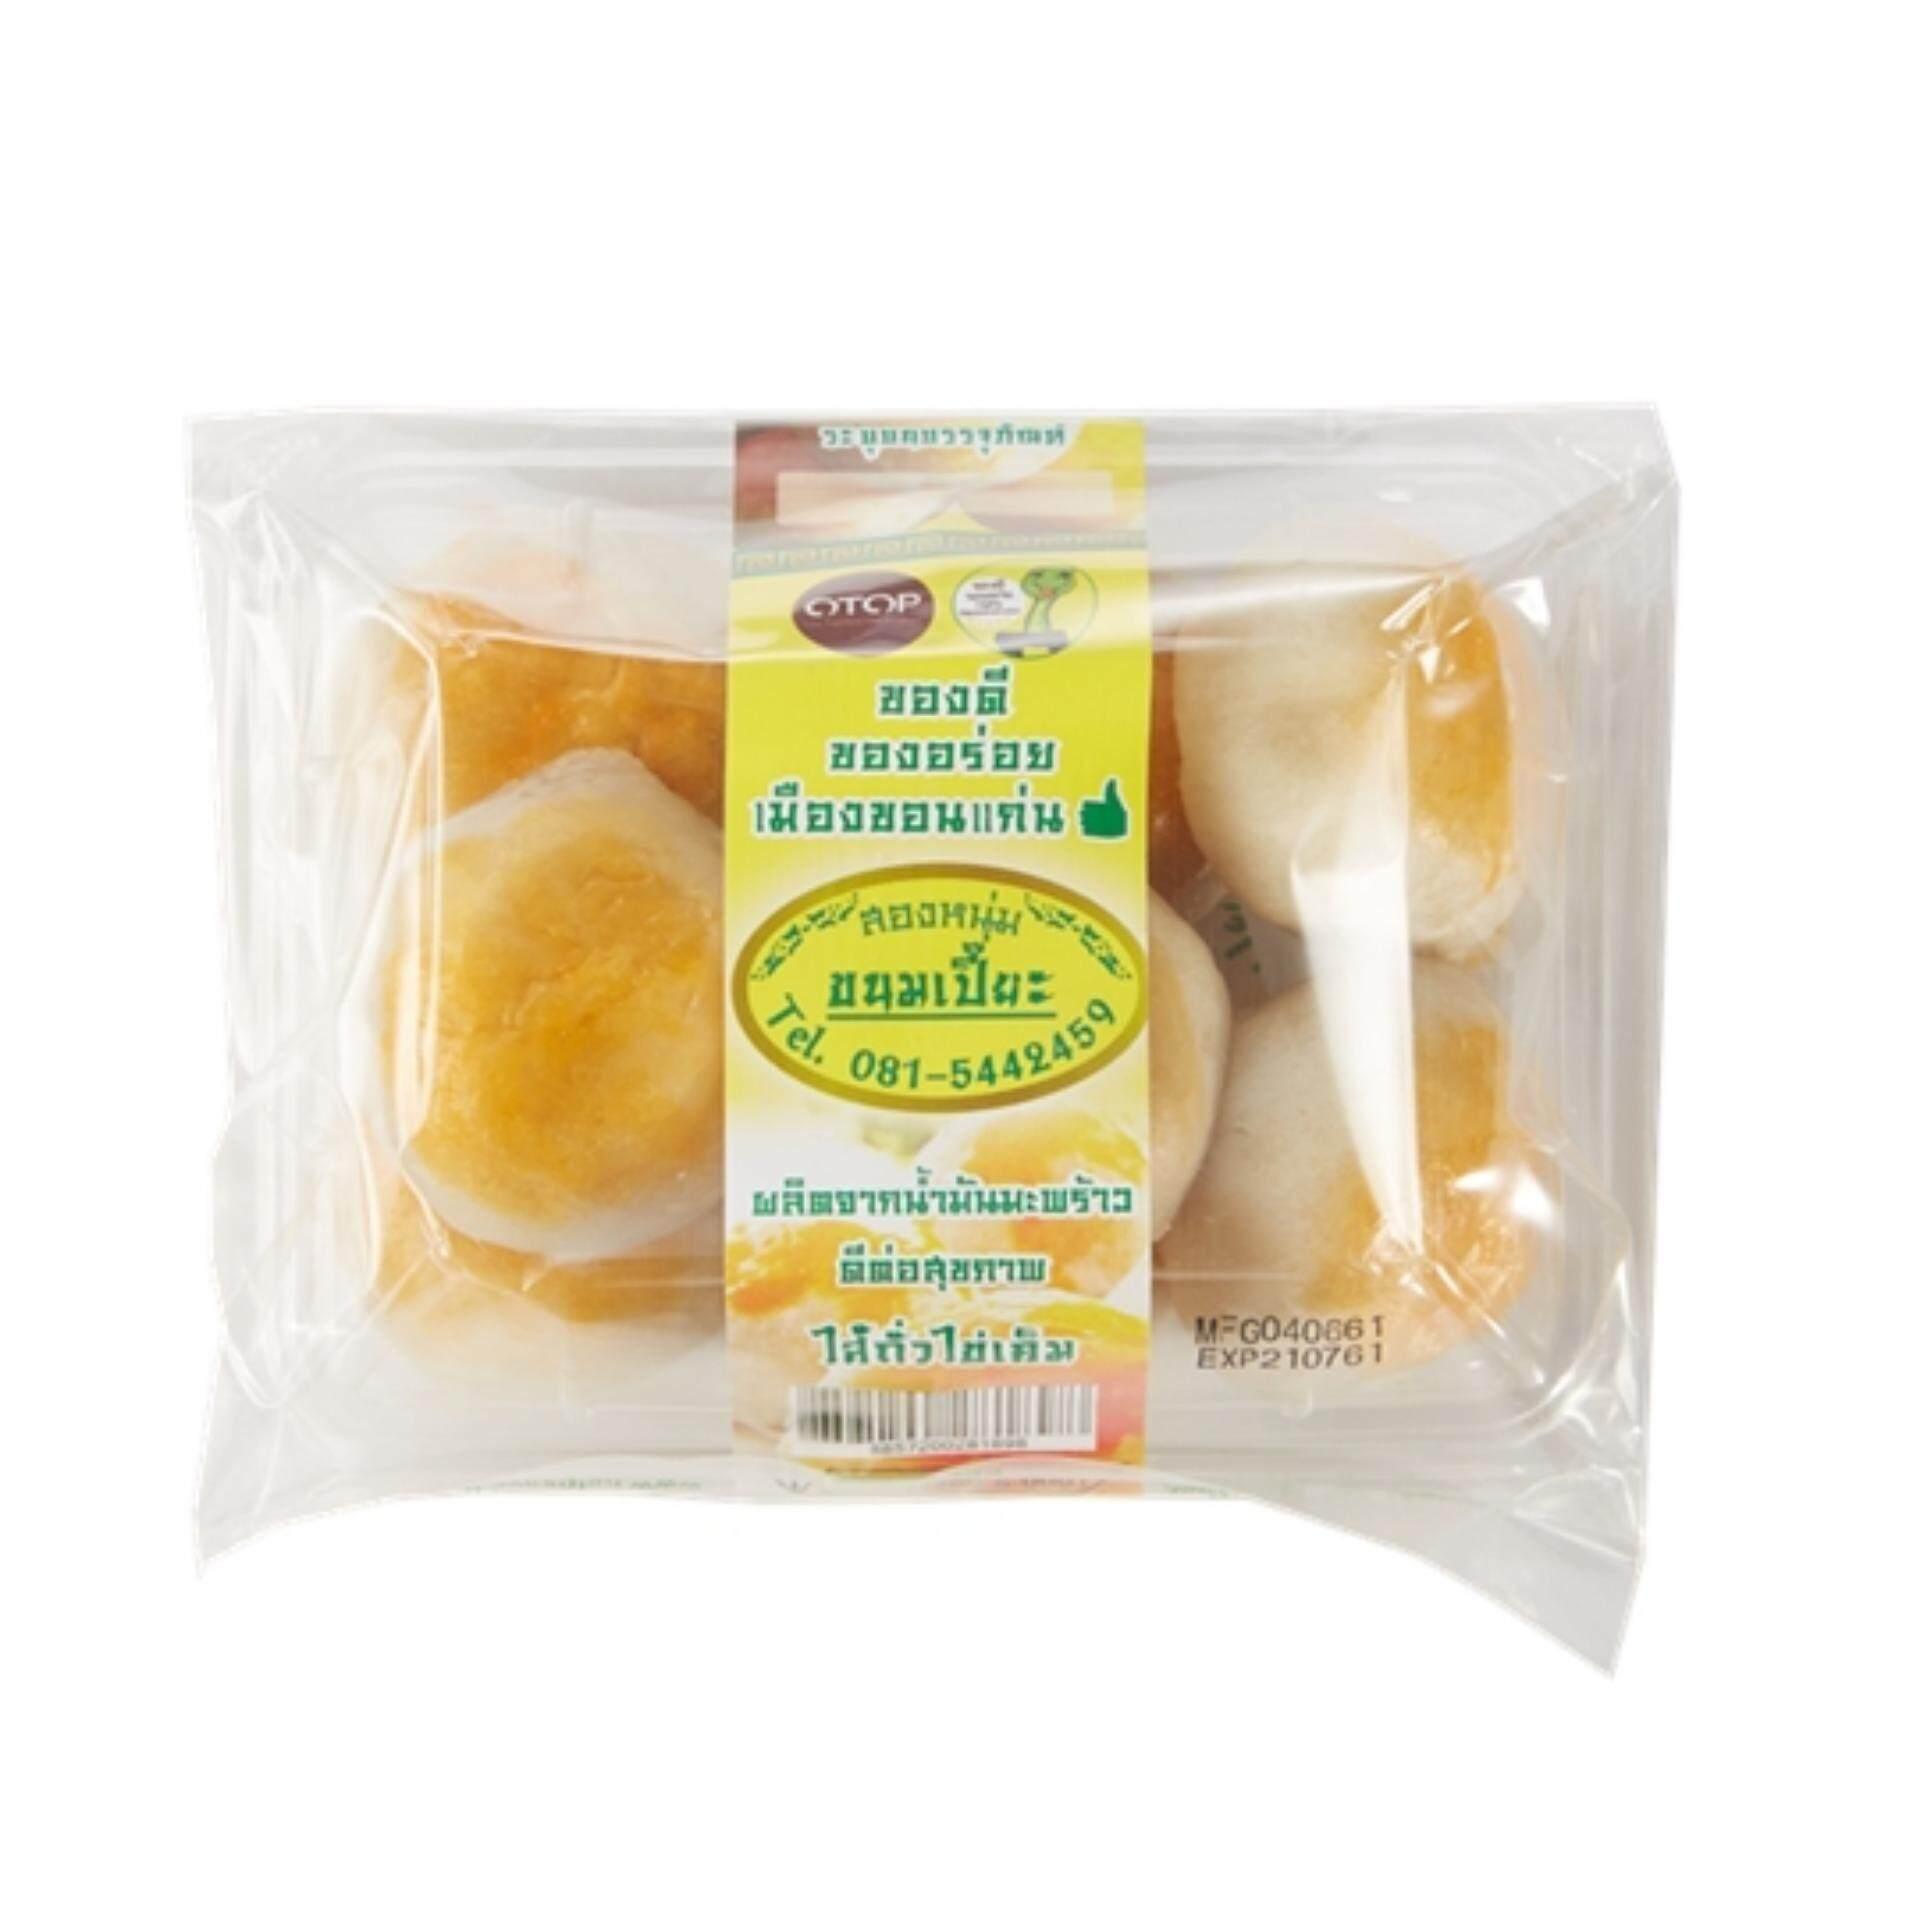 ขนมเปี๊ยะไส้ถั่วไข่เค็ม สองหนุ่ม